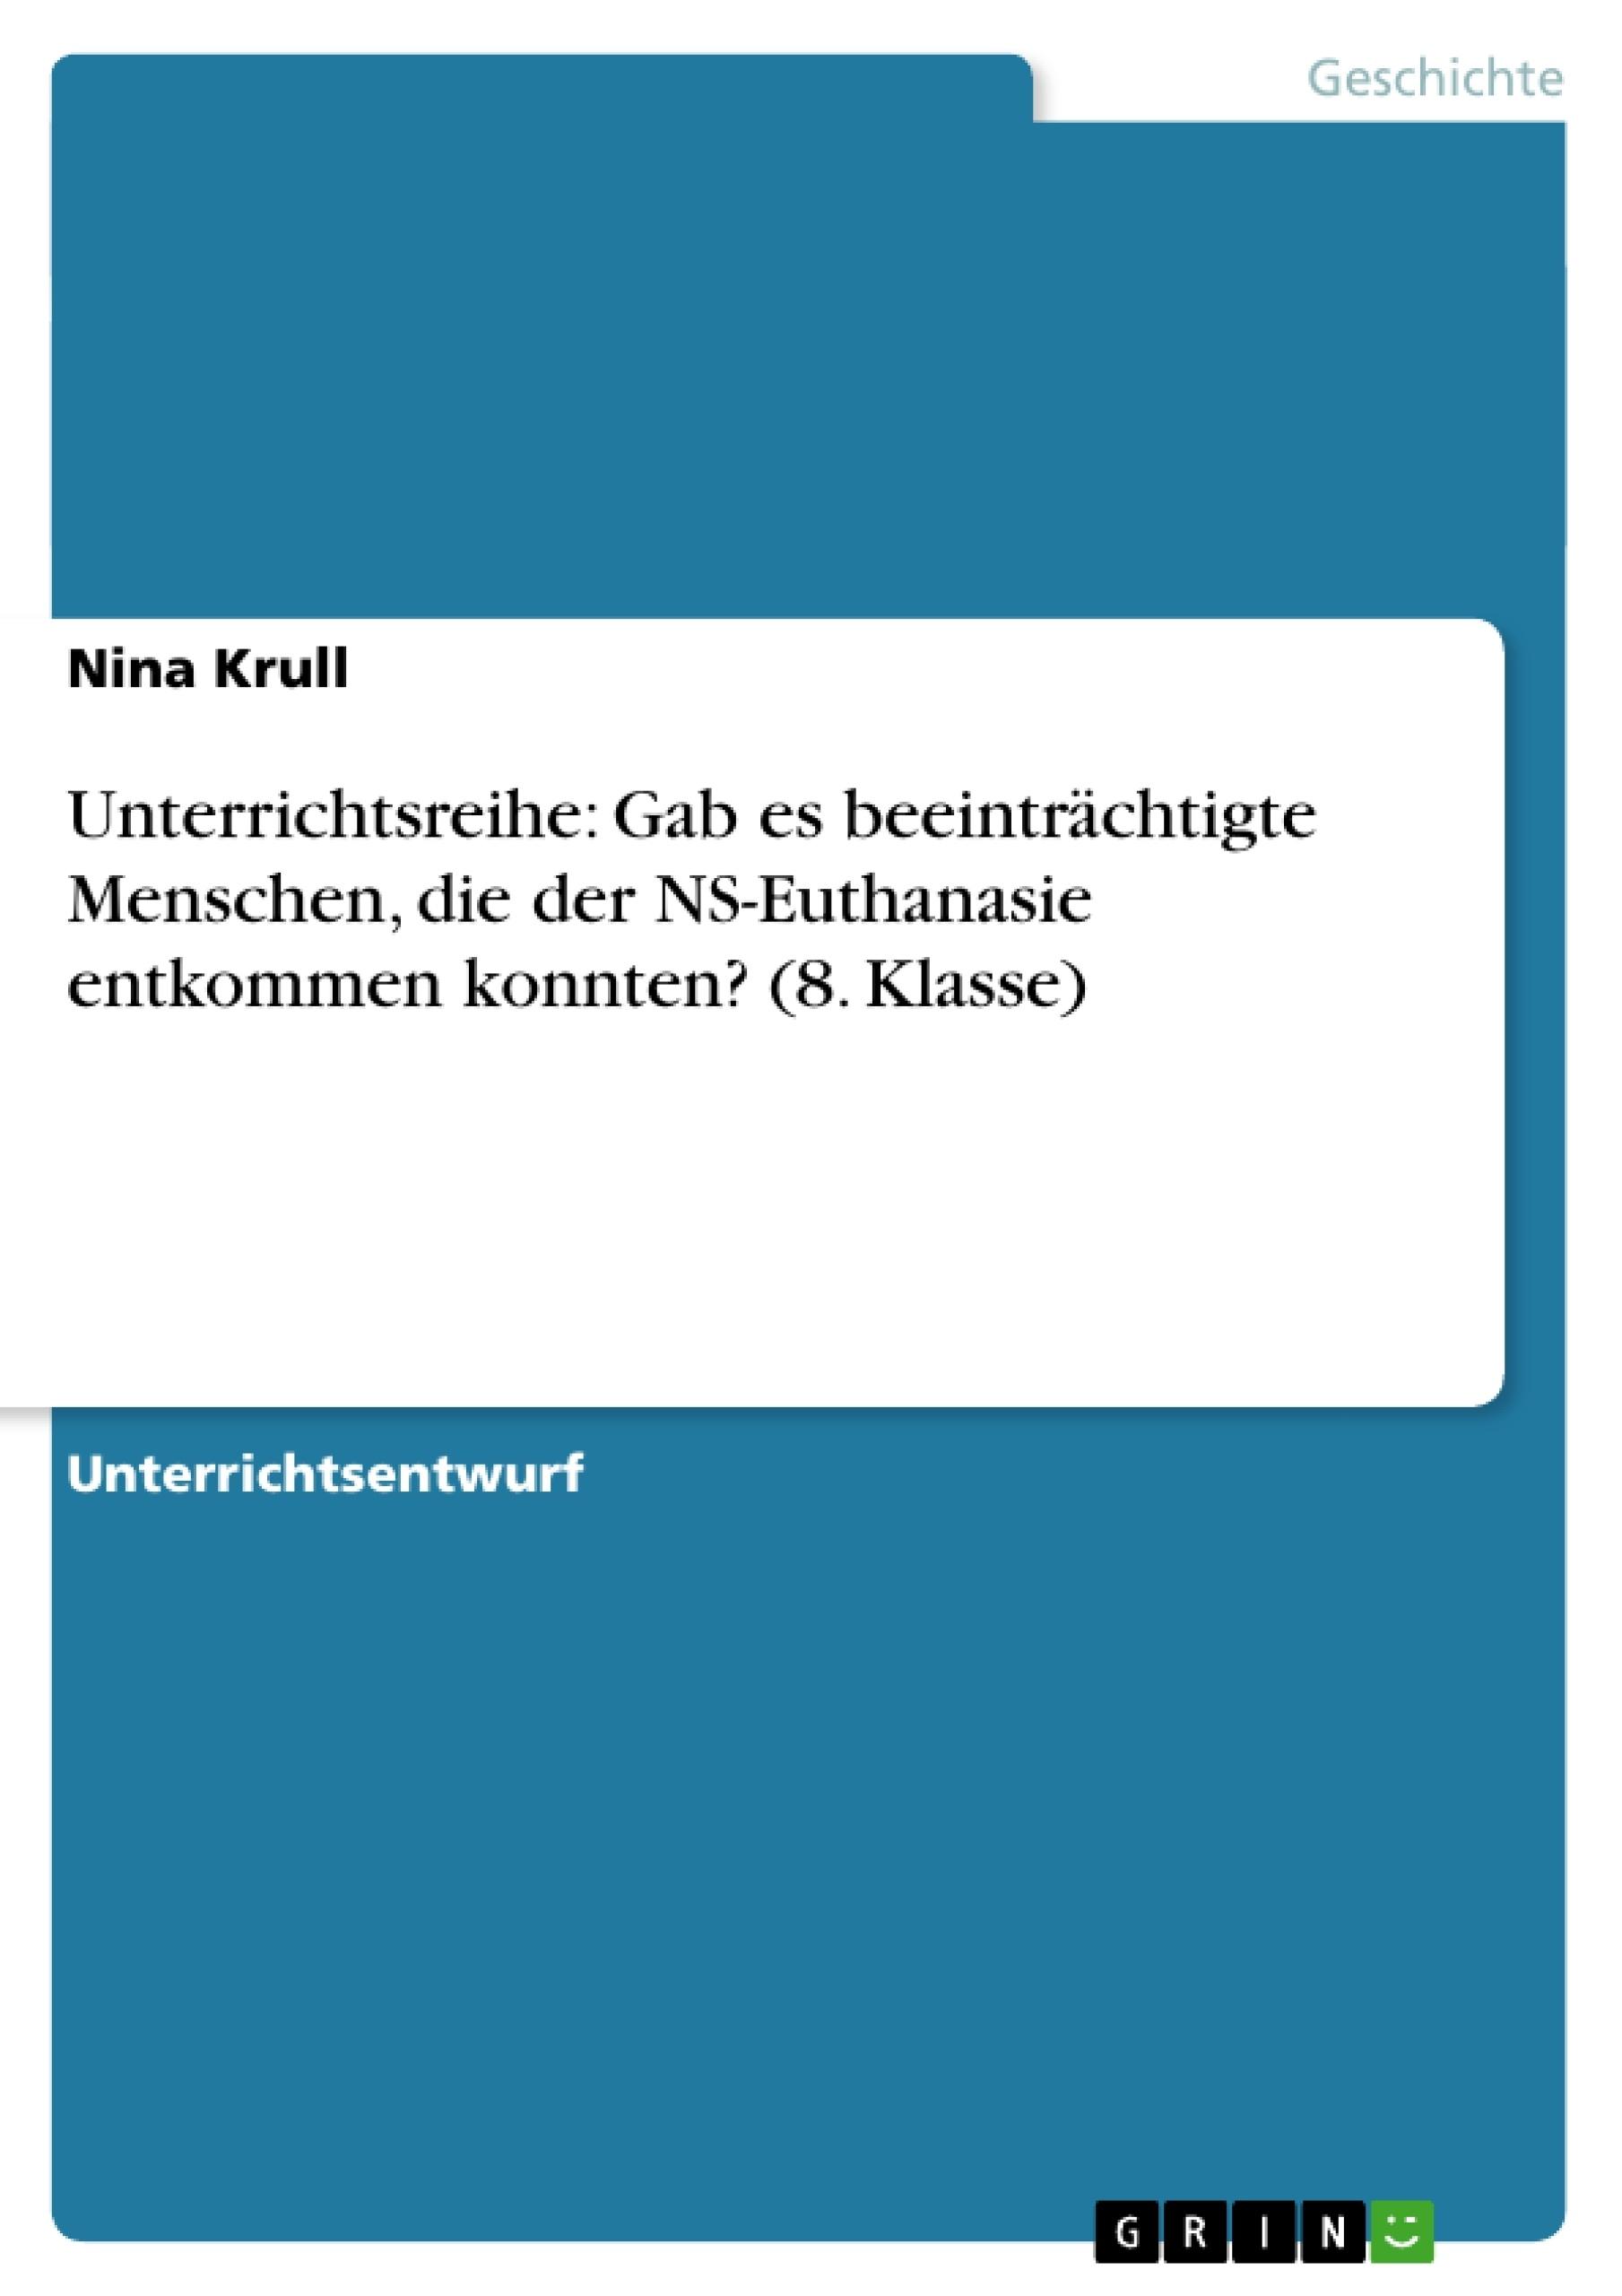 Titel: Unterrichtsreihe: Gab es beeinträchtigte Menschen, die der NS-Euthanasie entkommen konnten? (8. Klasse)